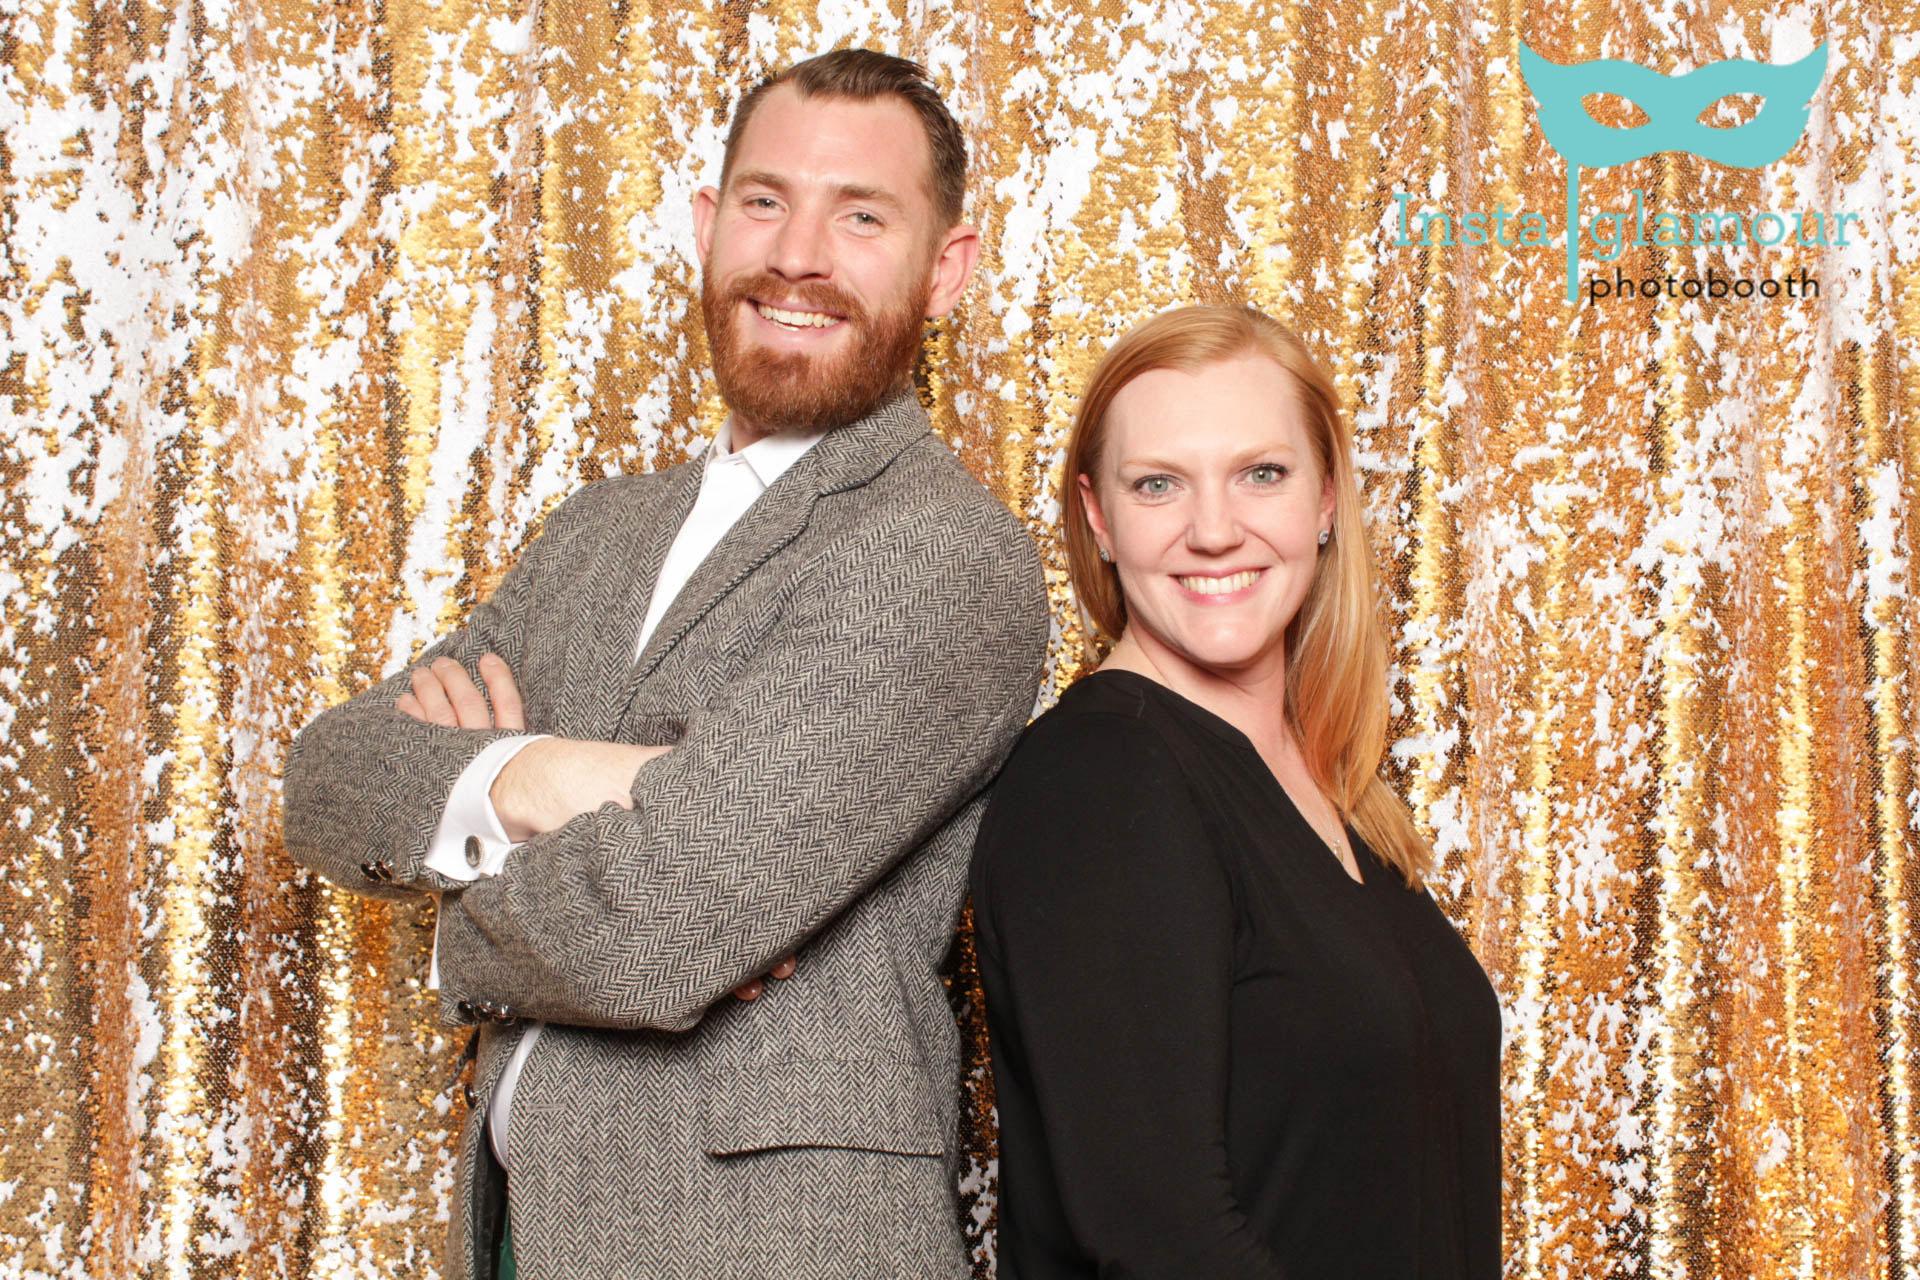 Photo booth renal weddings